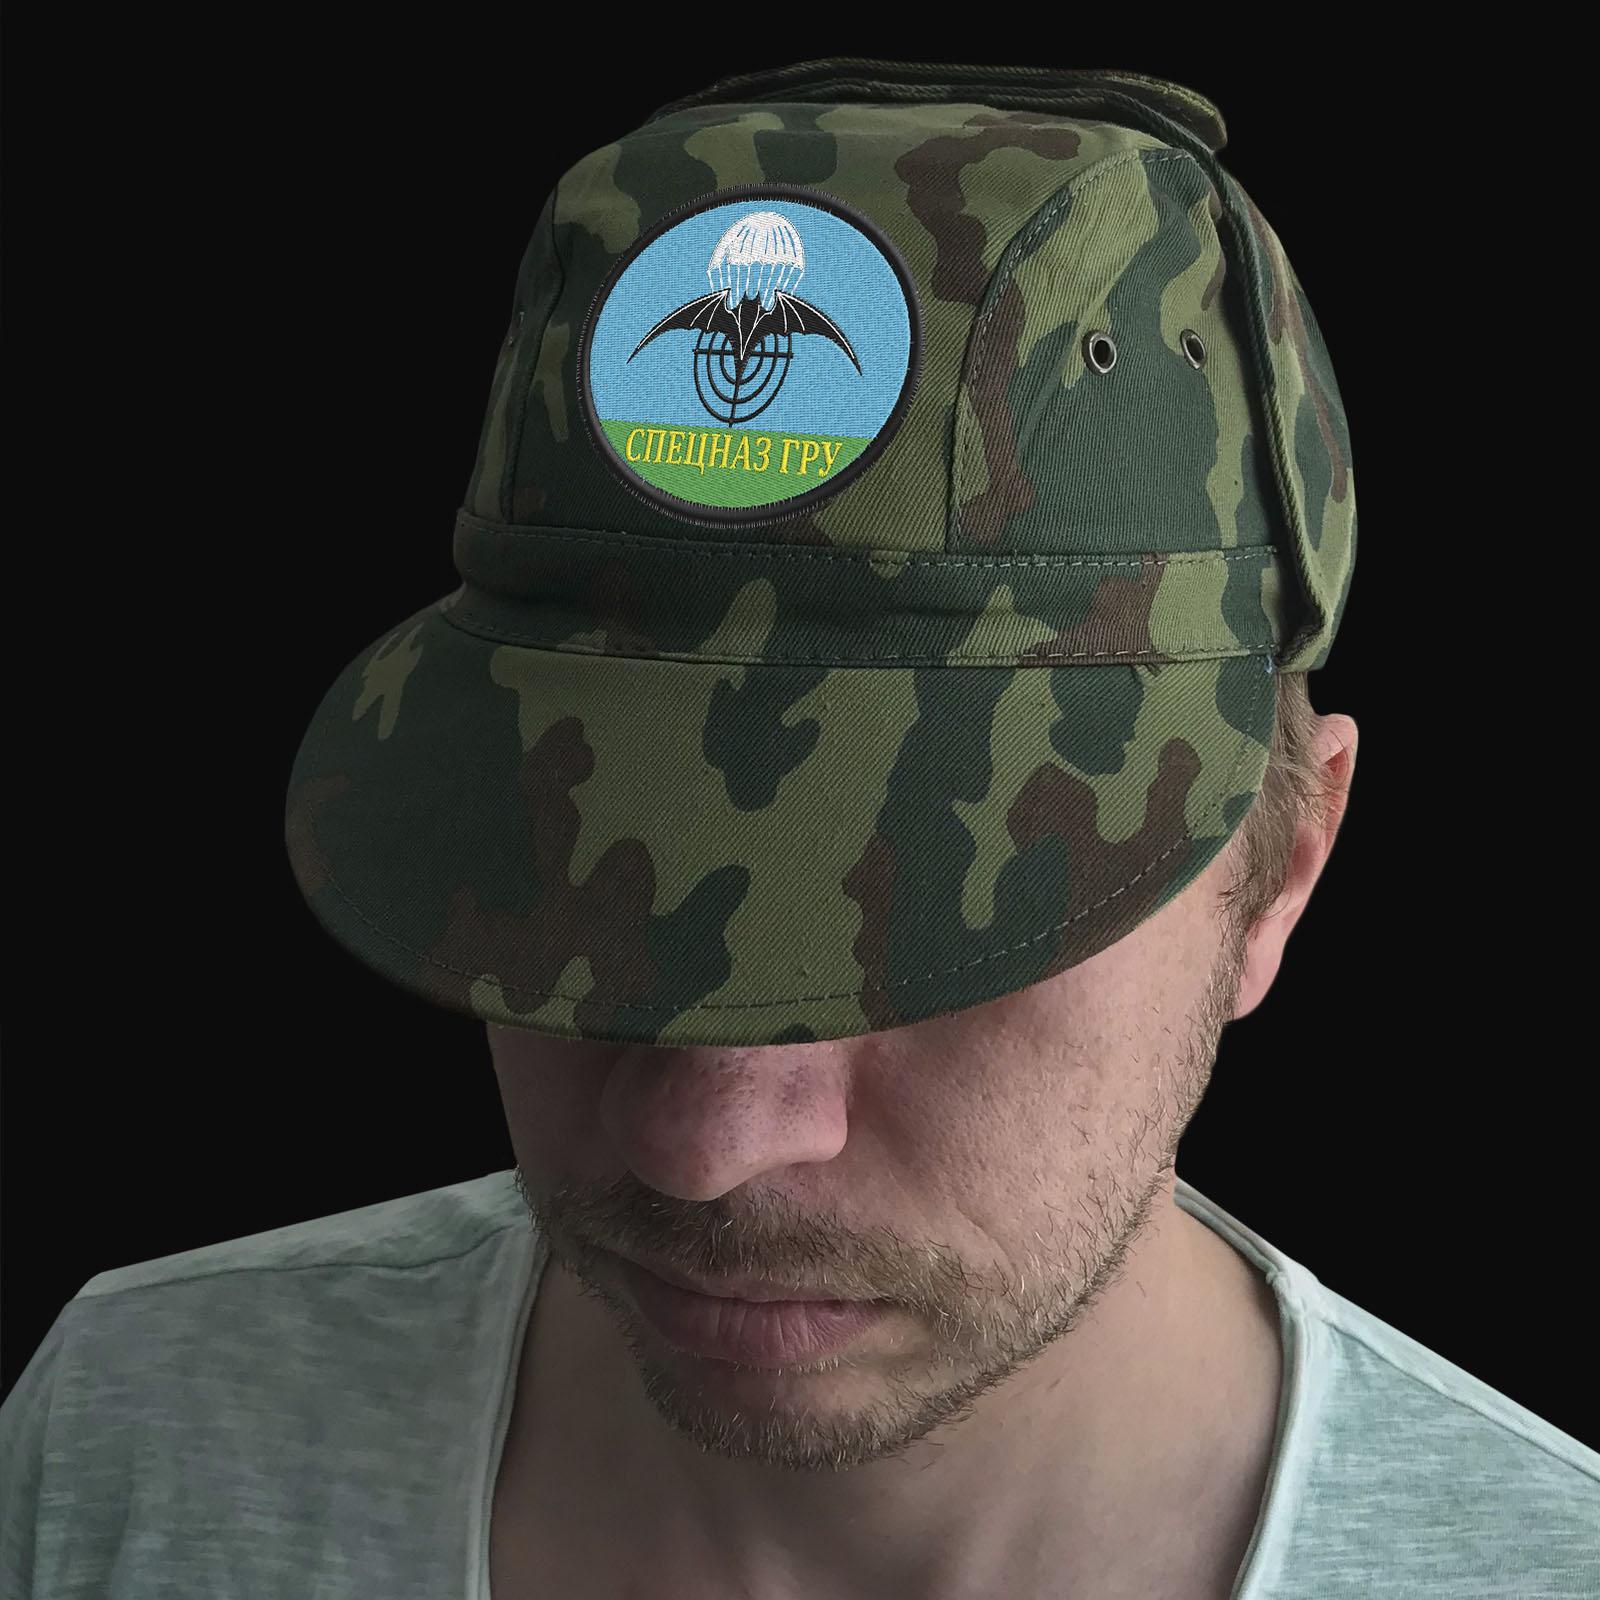 Камуфляжная кепка с эмблемой Спецназ ГРУ